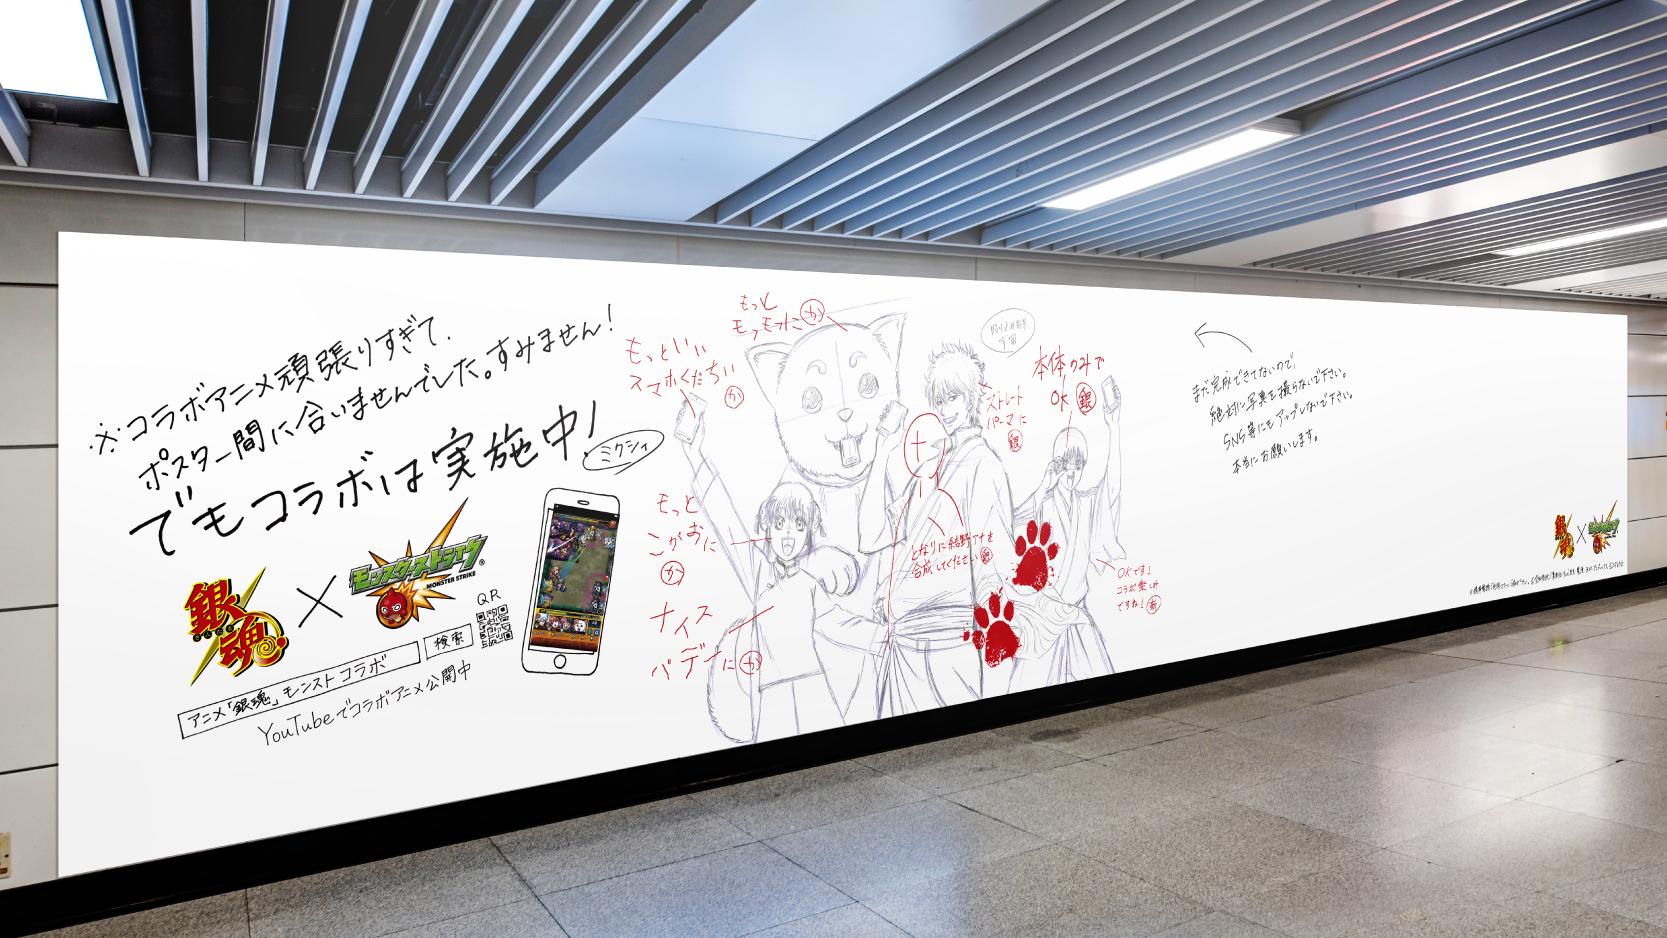 大阪メトロ御堂筋線「なんば」駅構内掲出ポスター